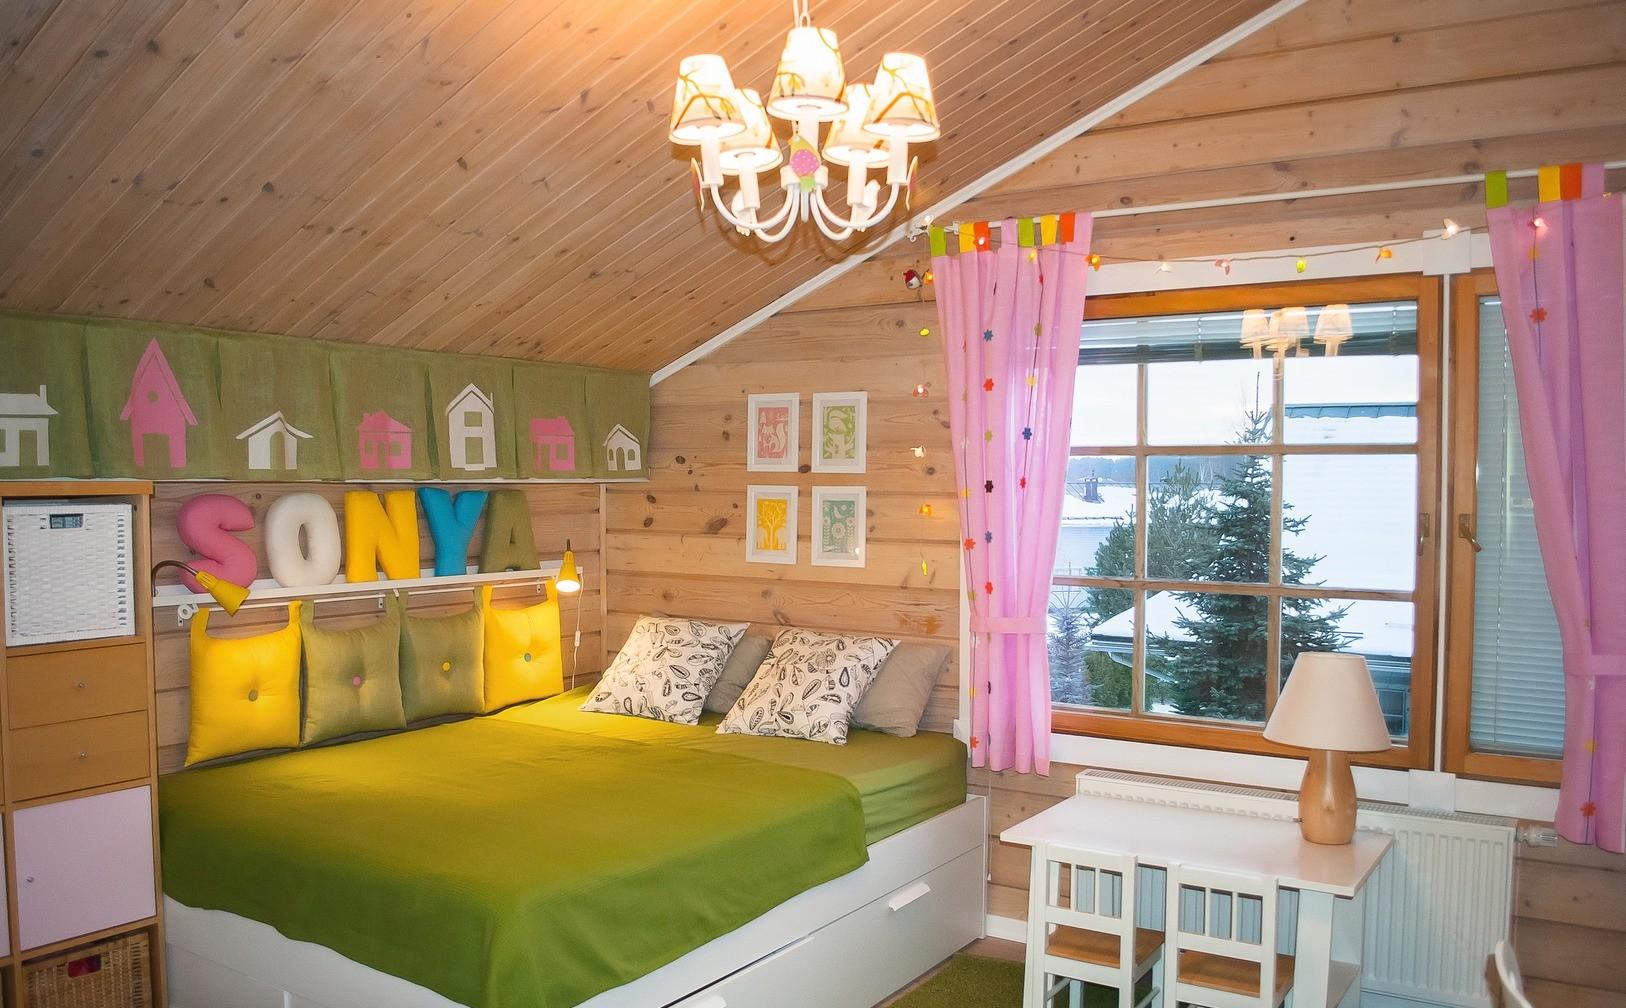 детская в деревянном доме декор